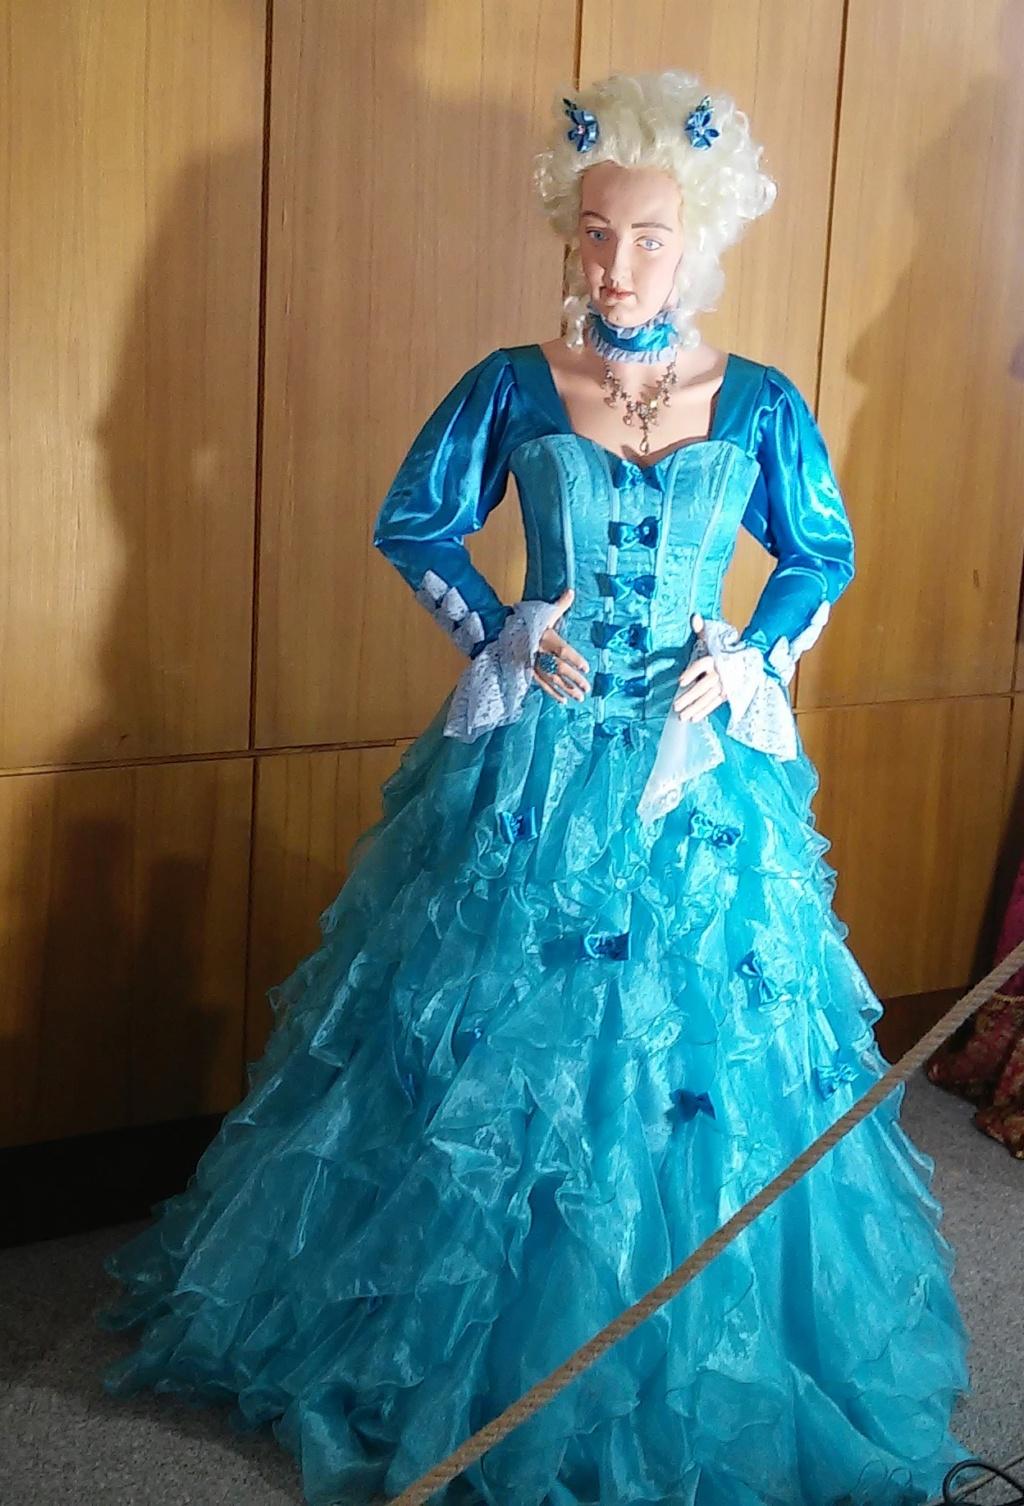 Exposition de figurines historiques Mladá Boleslav en République tchèque. Figurine de Marie Antoinette. 20190423